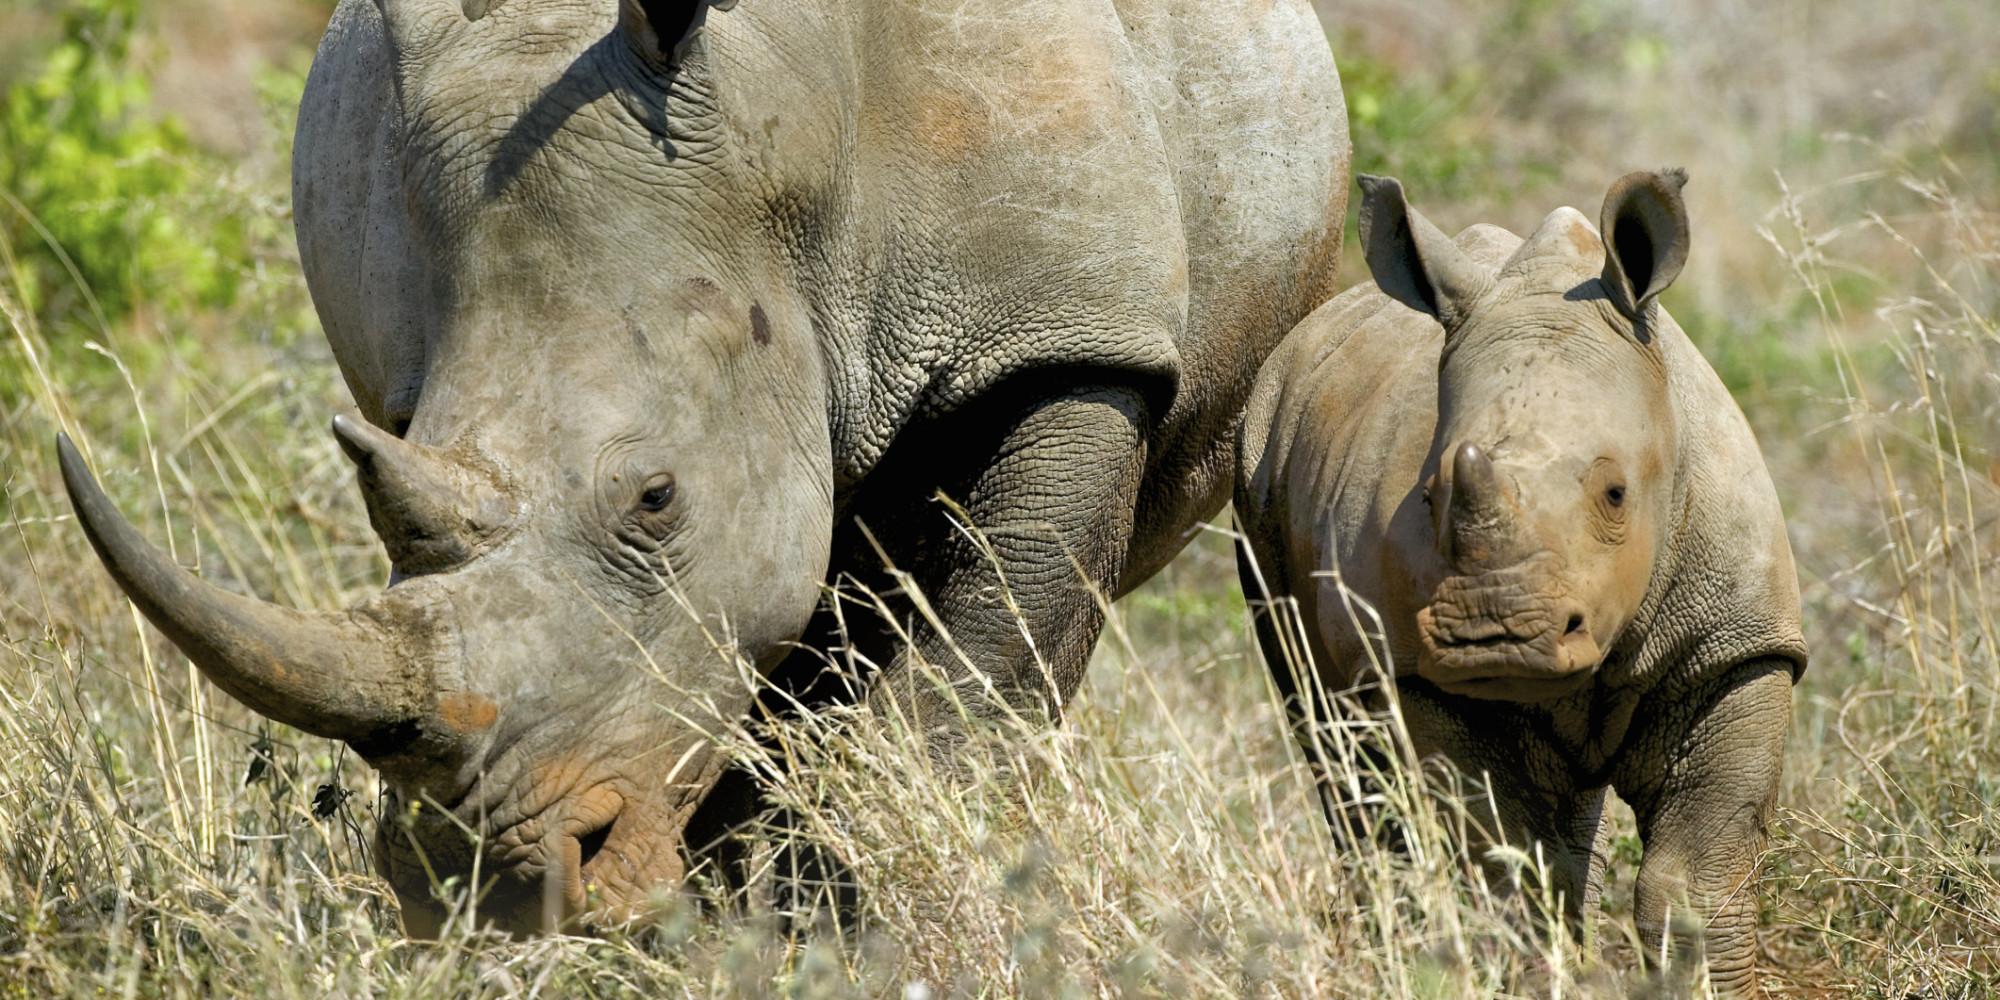 esp u00e8ces en voie de disparition  60  des herbivores